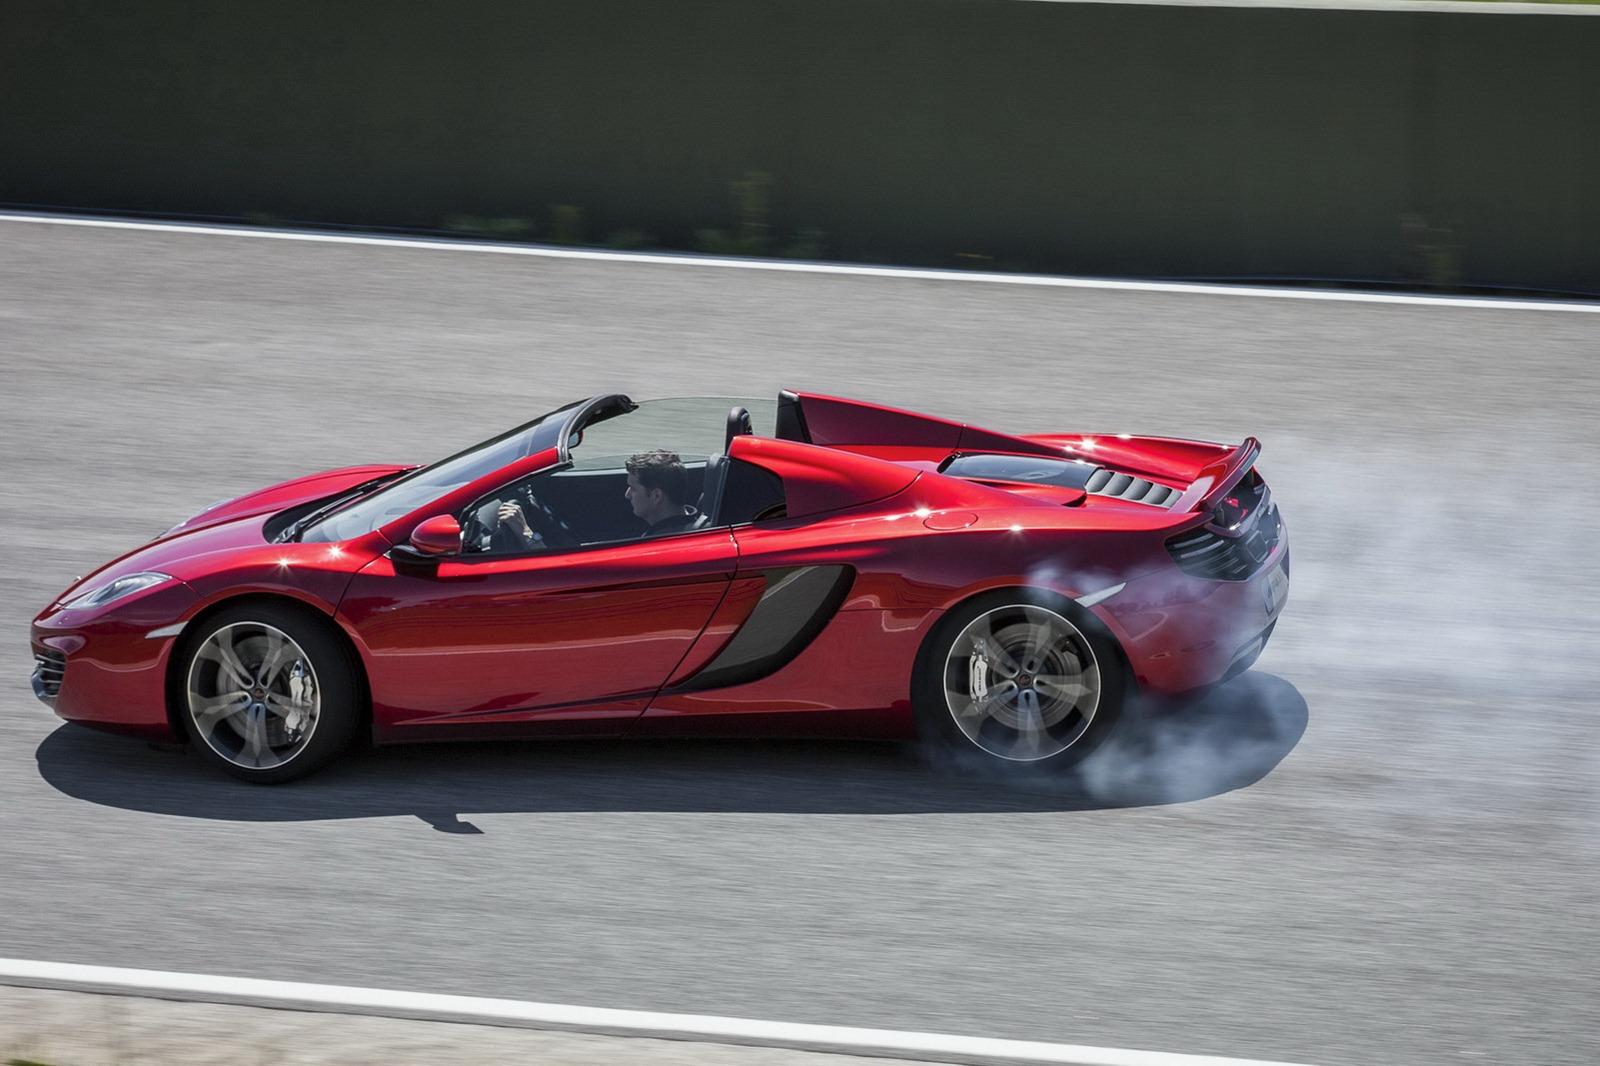 http://2.bp.blogspot.com/-otcCYi7e1gE/T_WBQUpVmJI/AAAAAAAAhE4/BO5JdPTmZlE/s1600/McLaren-MP4-12C-Spider-9%255B2%255D.jpg